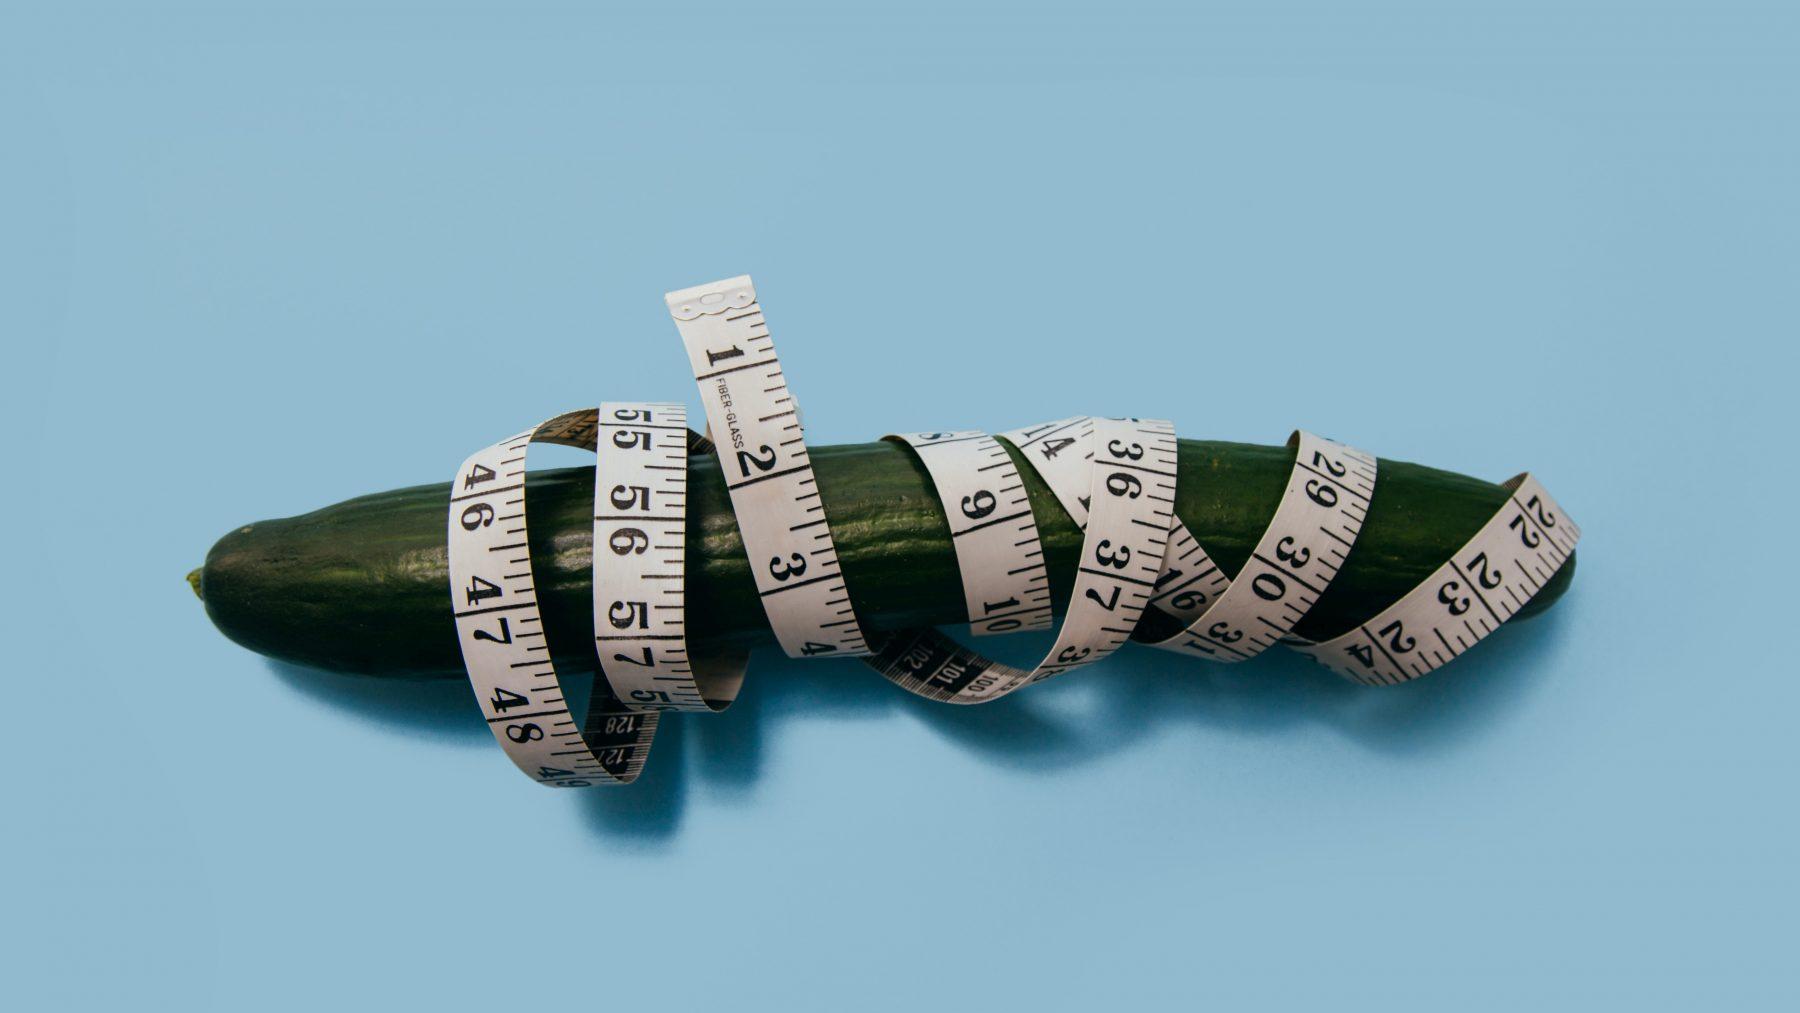 maagverkleining niet zonder risico interview